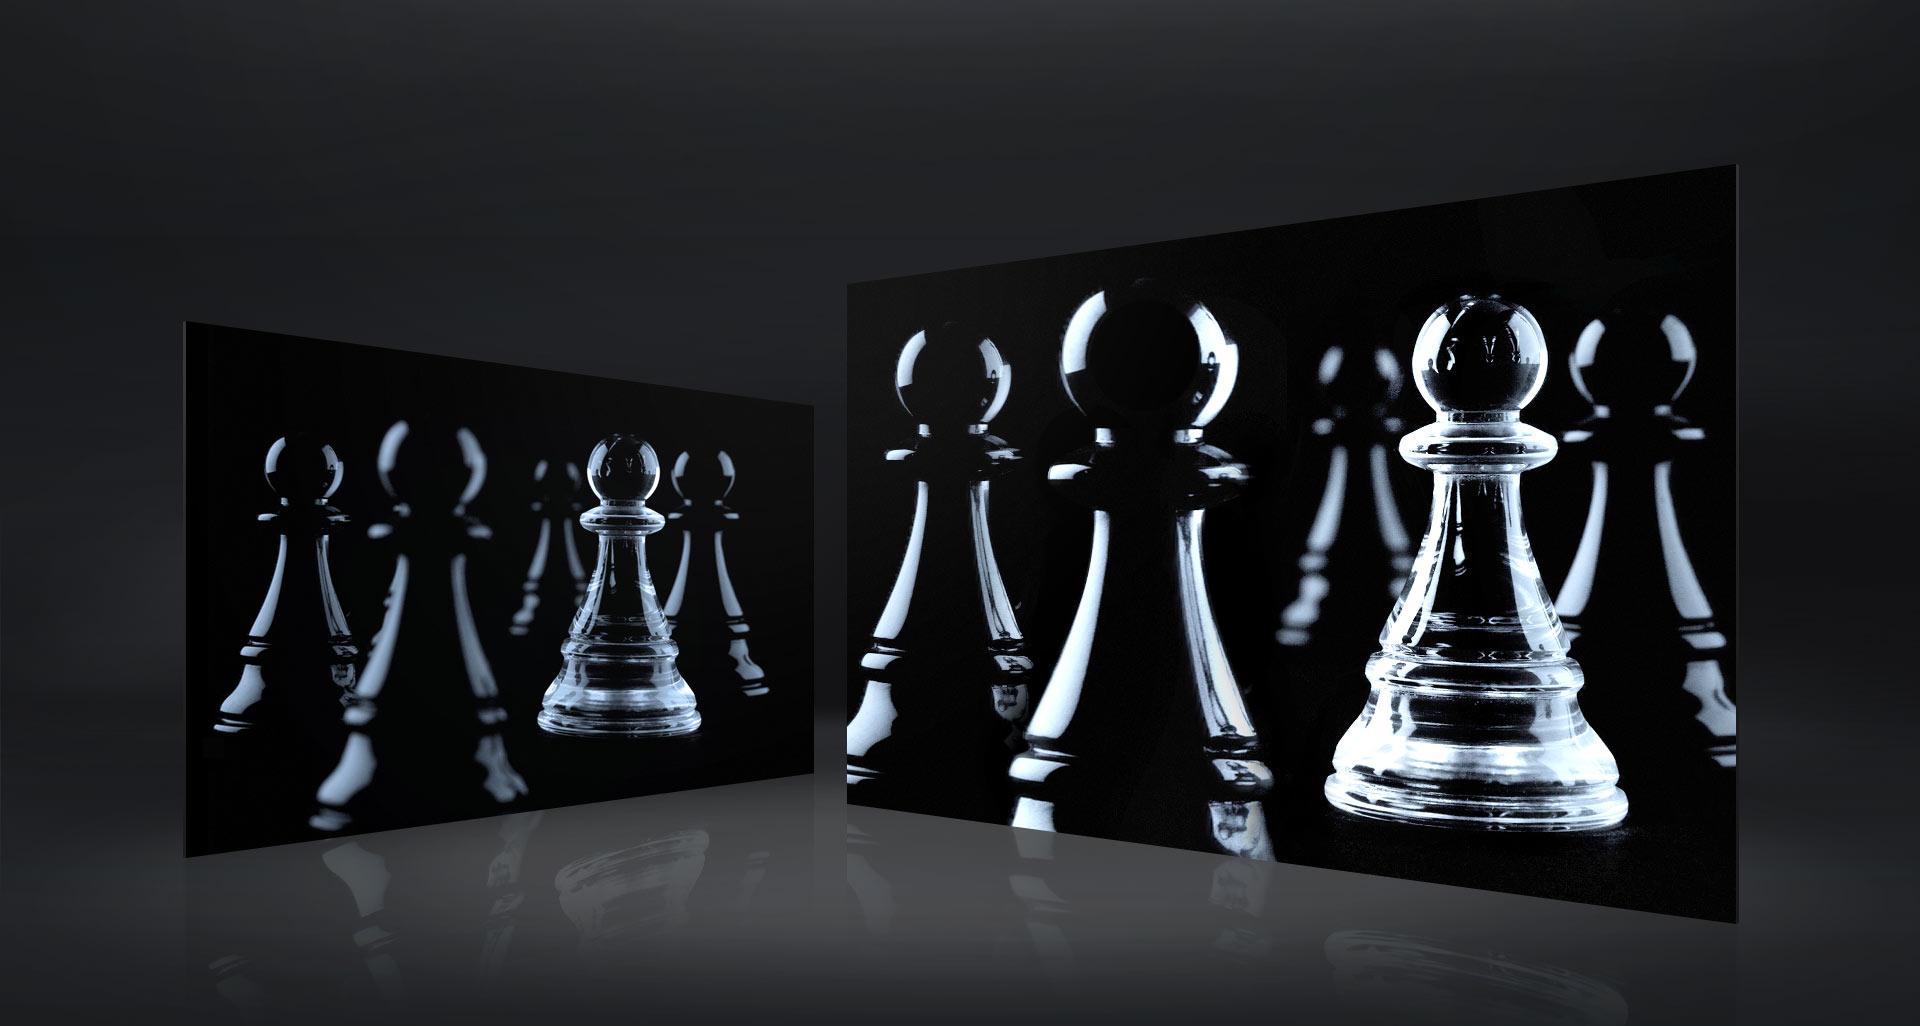 Chức năng tối ưu hóa tinh chỉnh hình ảnh cho chất lượng tuyệt đỉnh của Tivi UA65JS9500